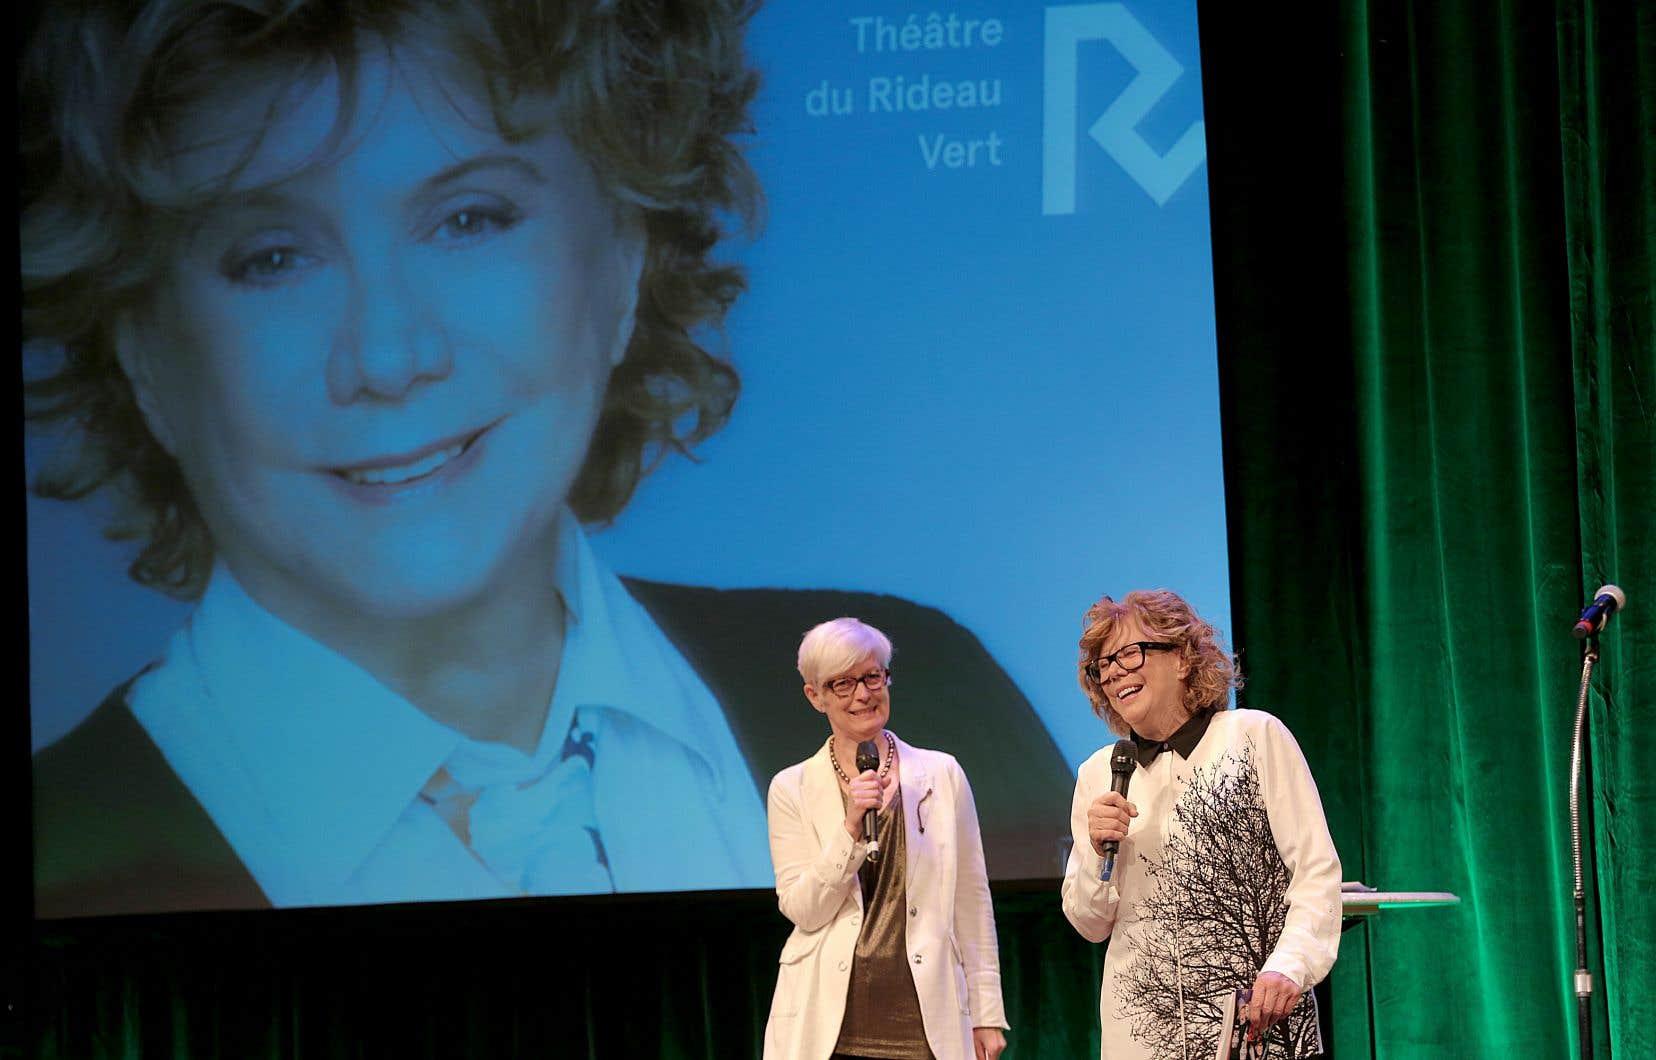 La directrice générale du Théâtre du Rideau Vert, Céline Marcotte, et la directrice artistique, Denise Filiatrault, en 2015